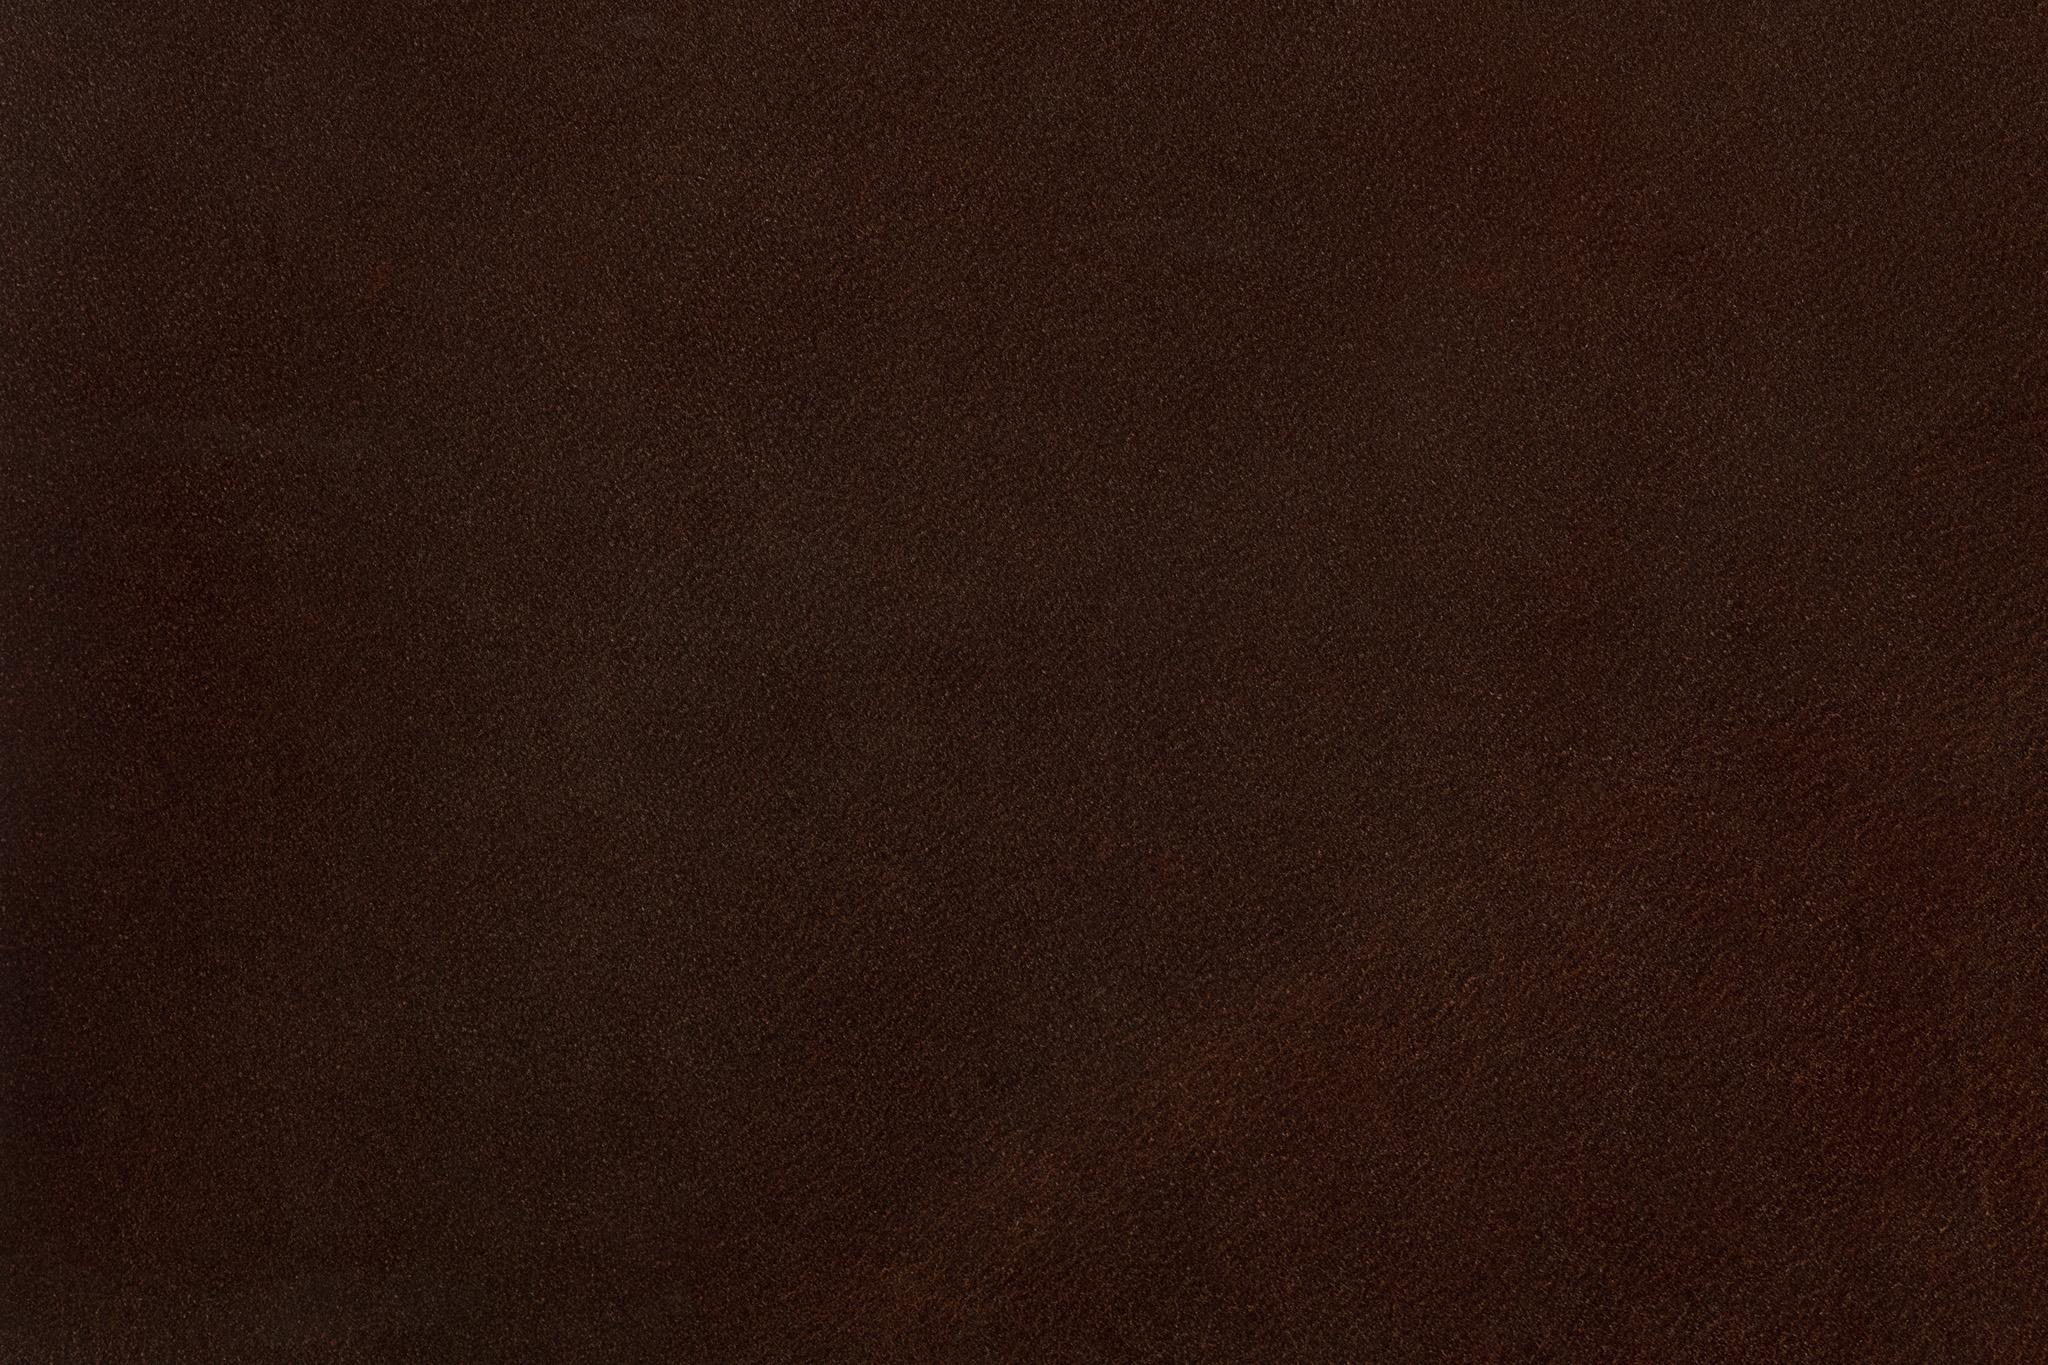 マットな質感の赤茶色のレザー